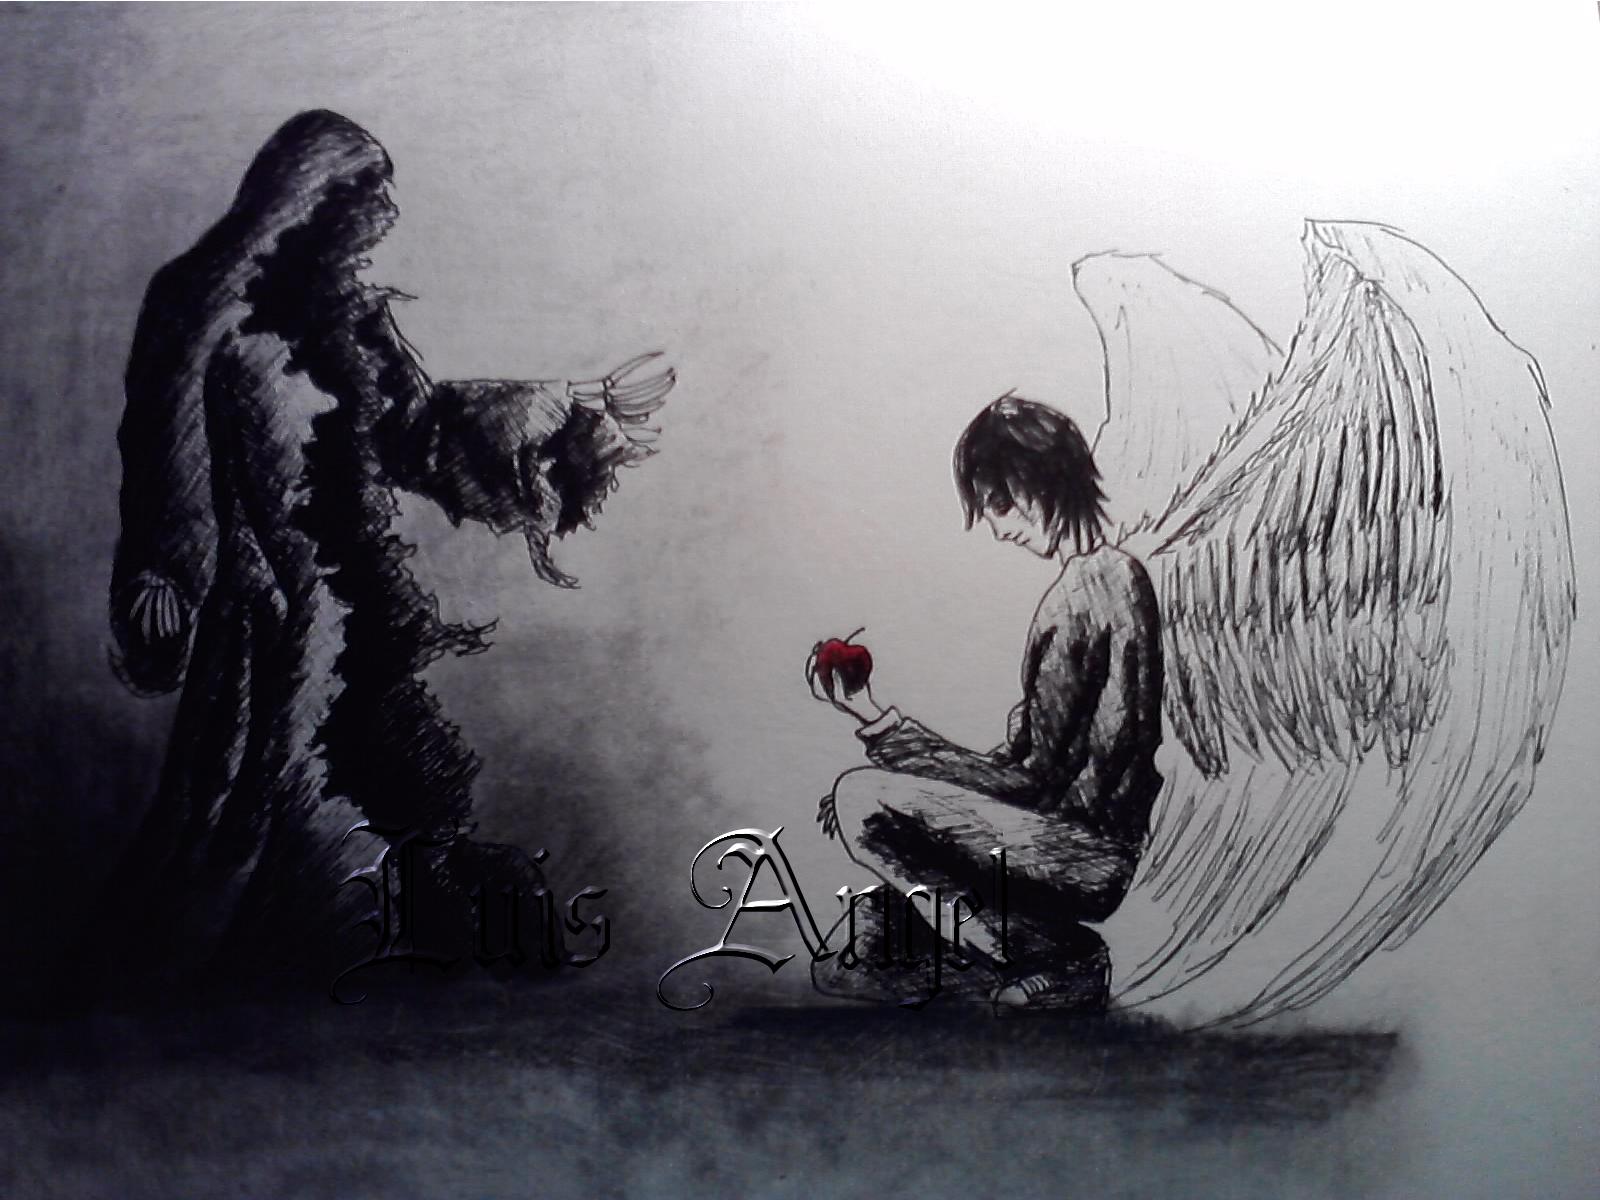 fg+%252843%2529sdit El Angel De La Muerte